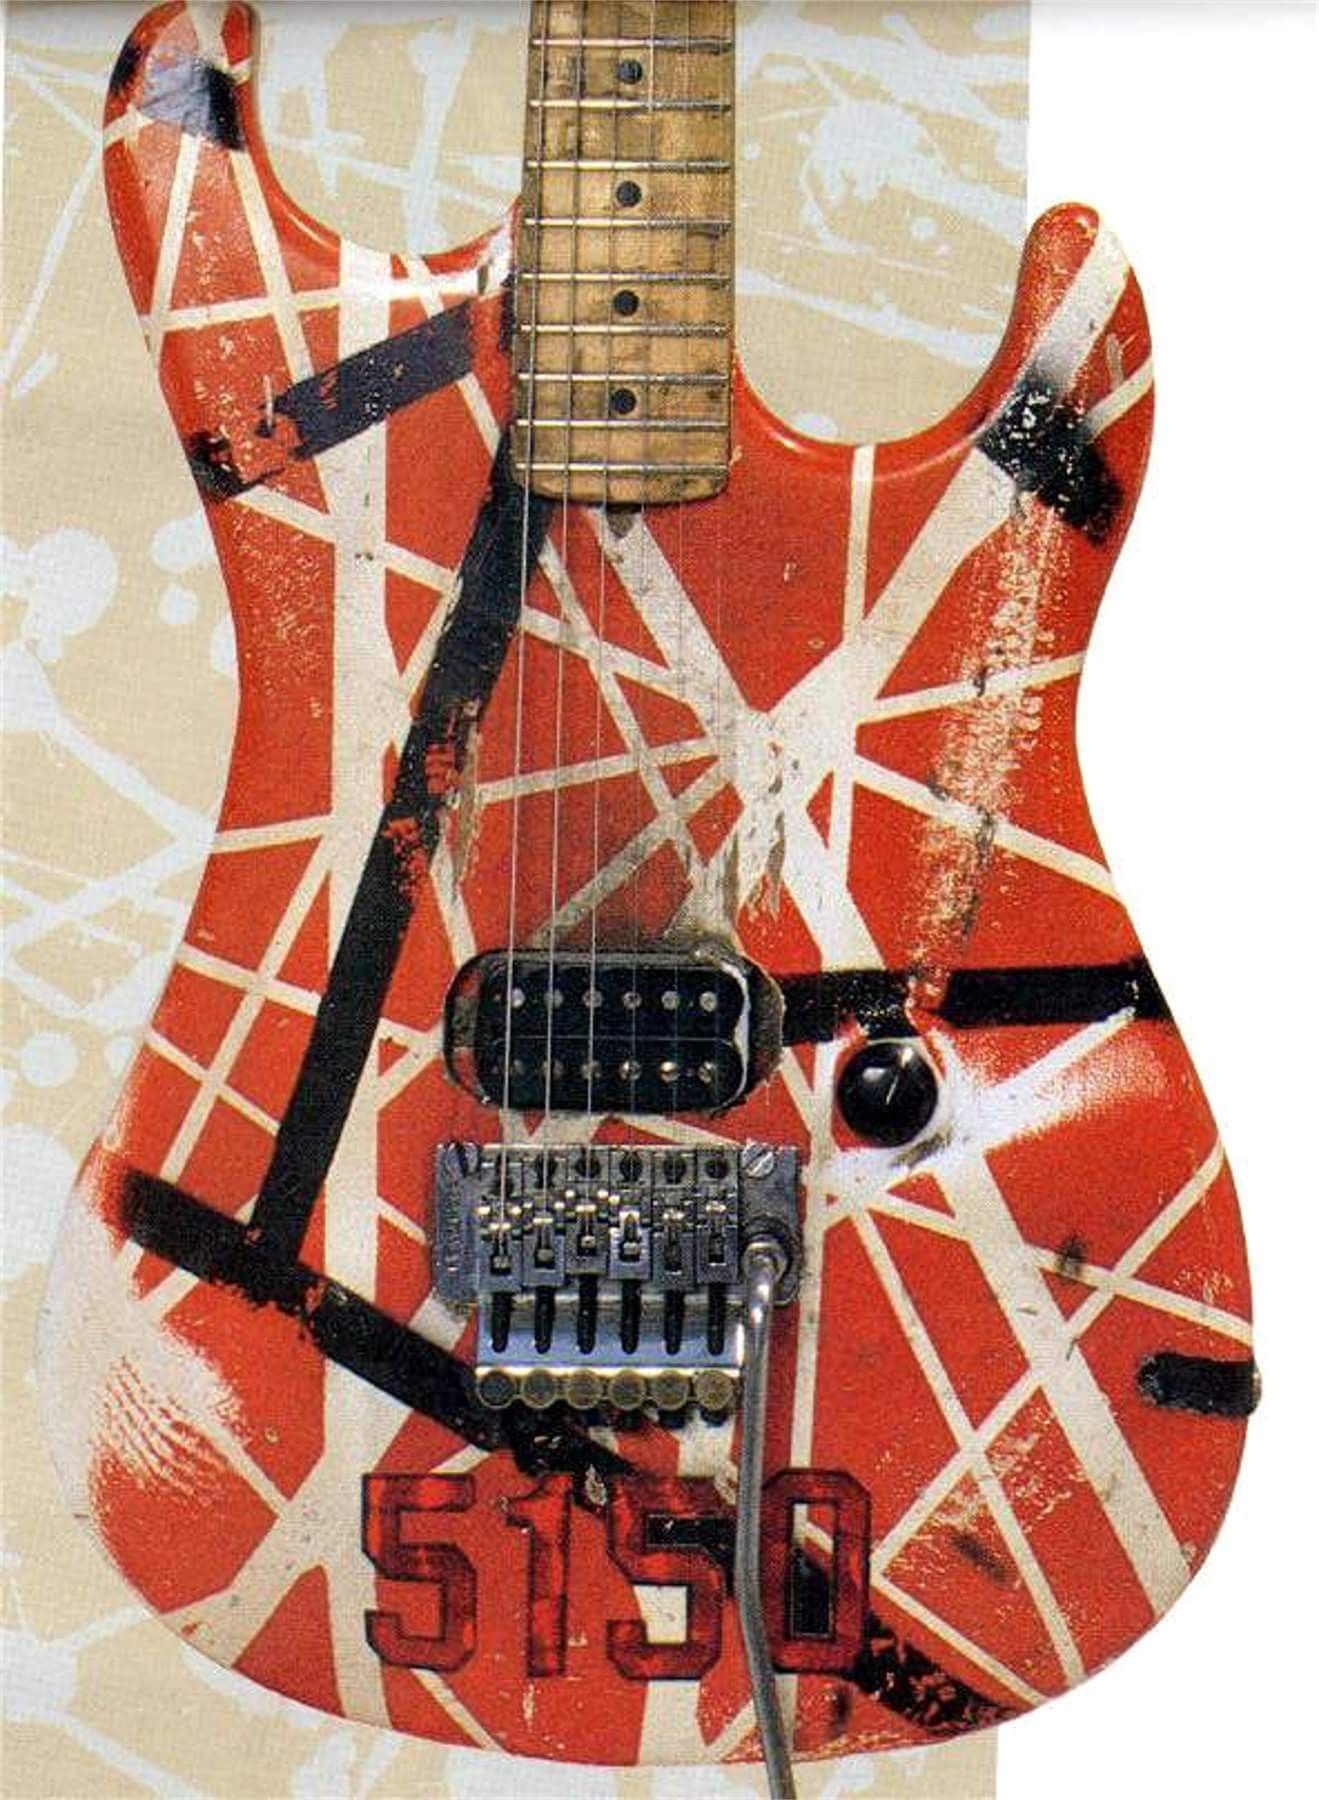 Pin By Larry Moore On Gibson Guitars Van Halen Eddie Van Halen Guitar